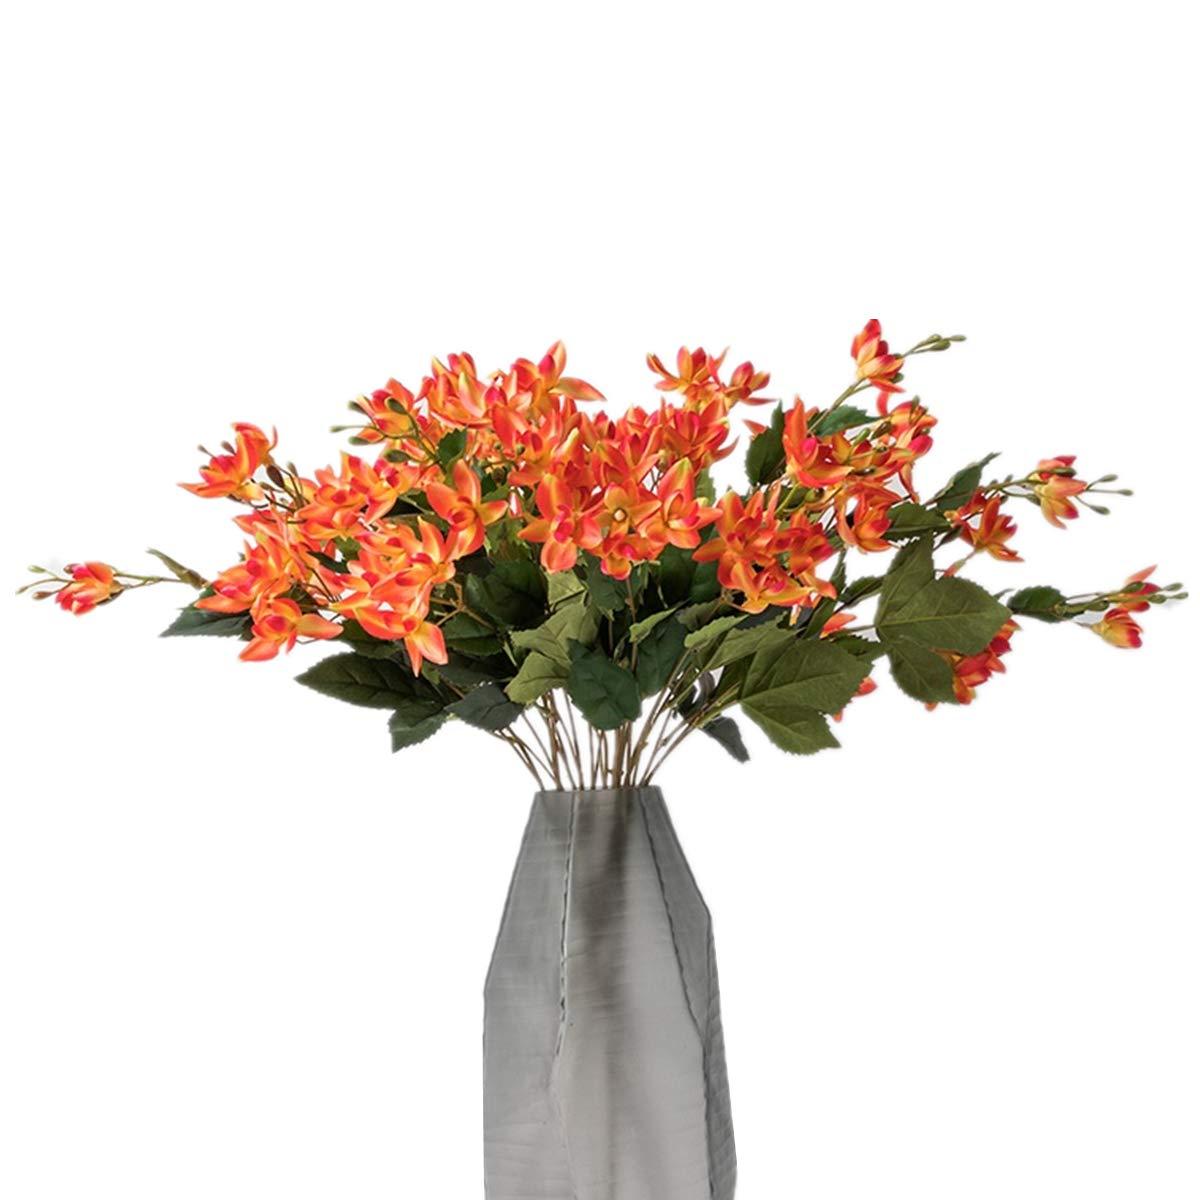 XINFU 1ピース 35インチ 人工オーキッド リアルタッチ シルク人工オーキッド ホームデコレーション 花瓶なし Each height: 35